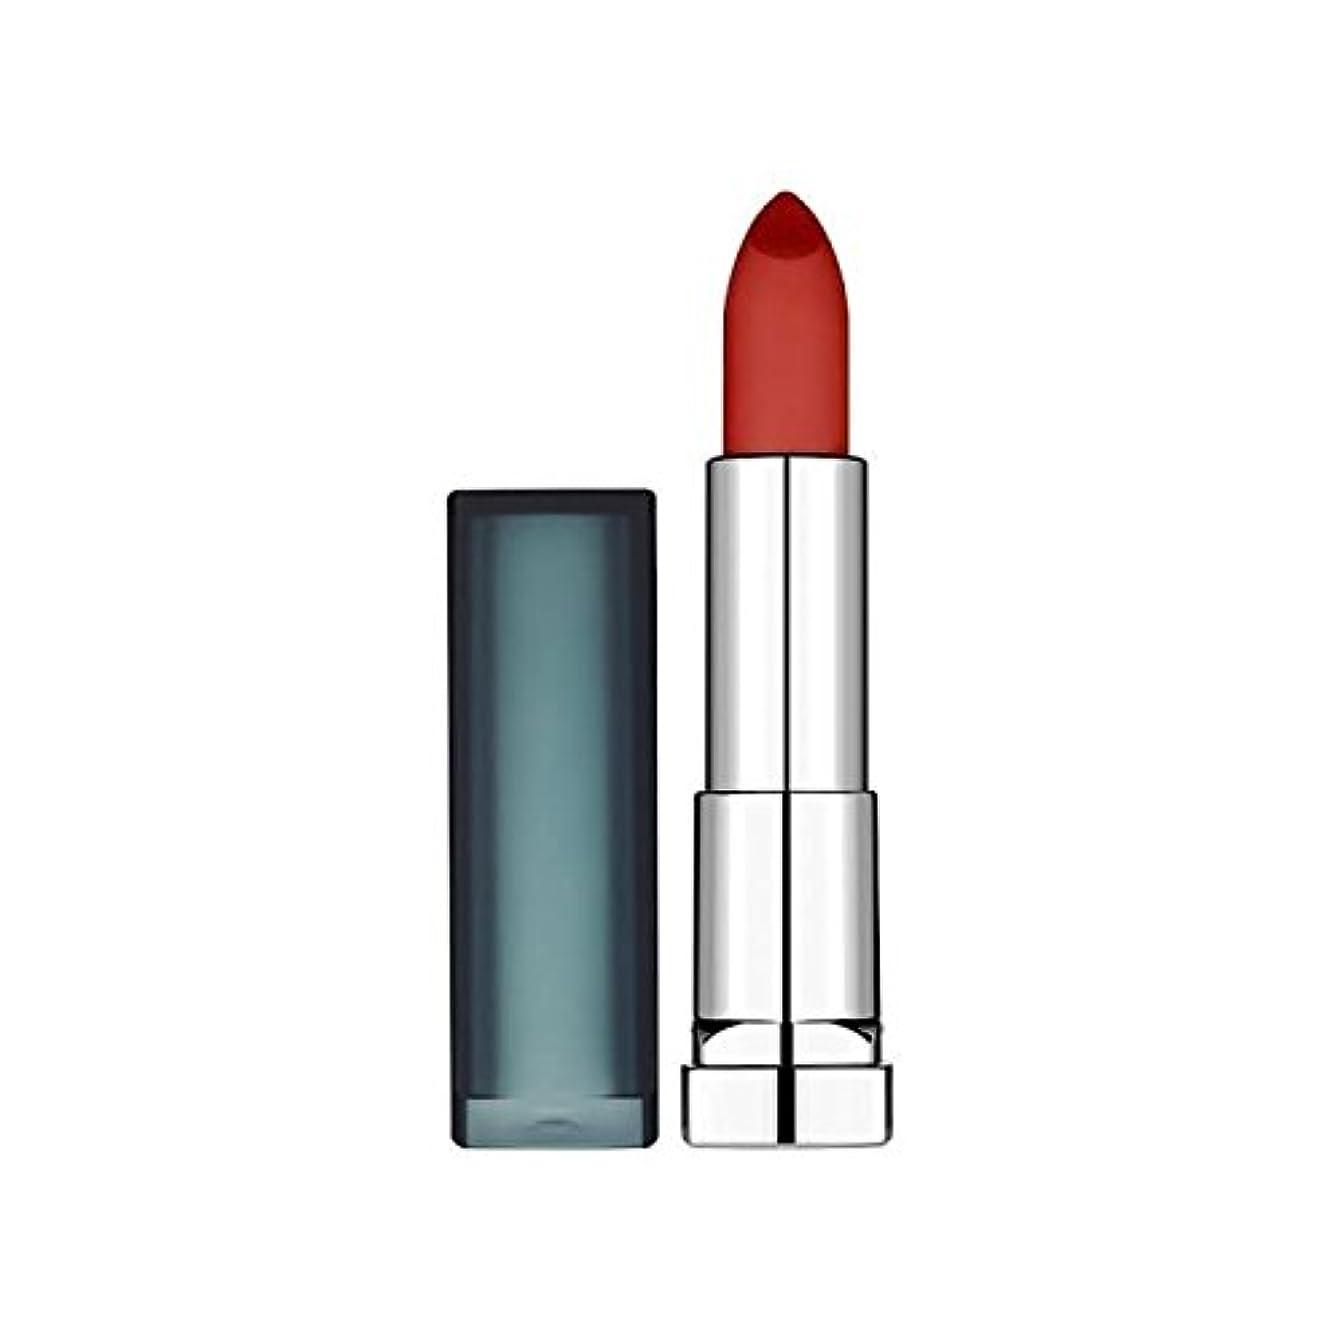 アプローチ中庭満足できるMaybelline Sensational Lipstick Creamy Matte Burgundy Blush - メイベリンセンセーショナルな口紅クリーミーマットバーガンディ赤面 [並行輸入品]